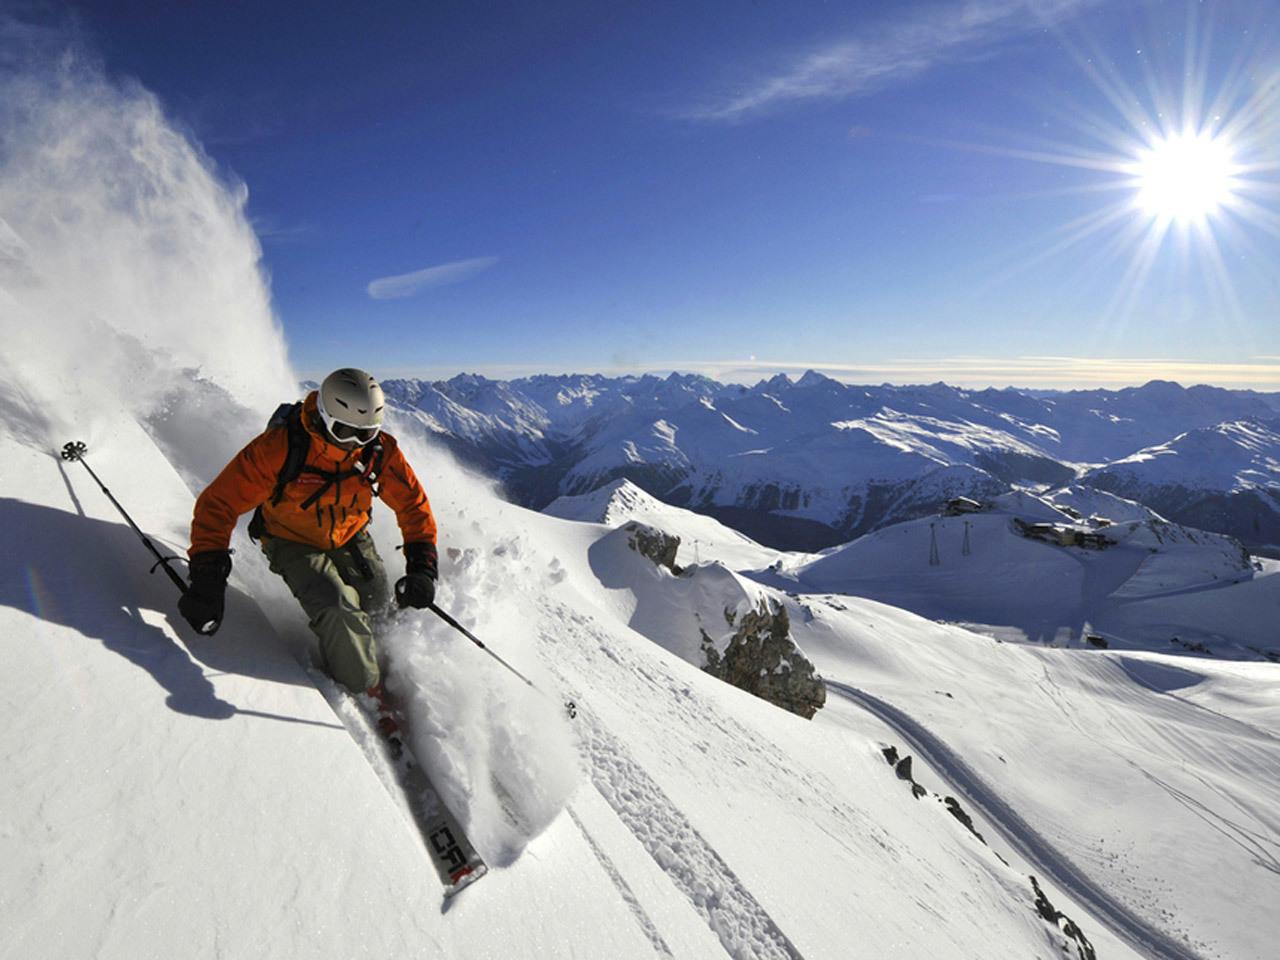 switzerland, skiing, skier